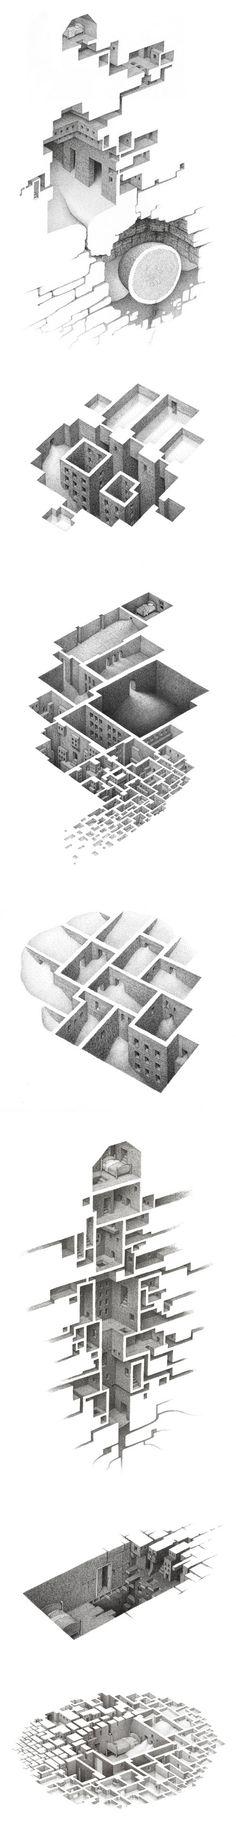 Art by Mathew Borrett / art / drawing / abstract / via: http://www.booooooom.com